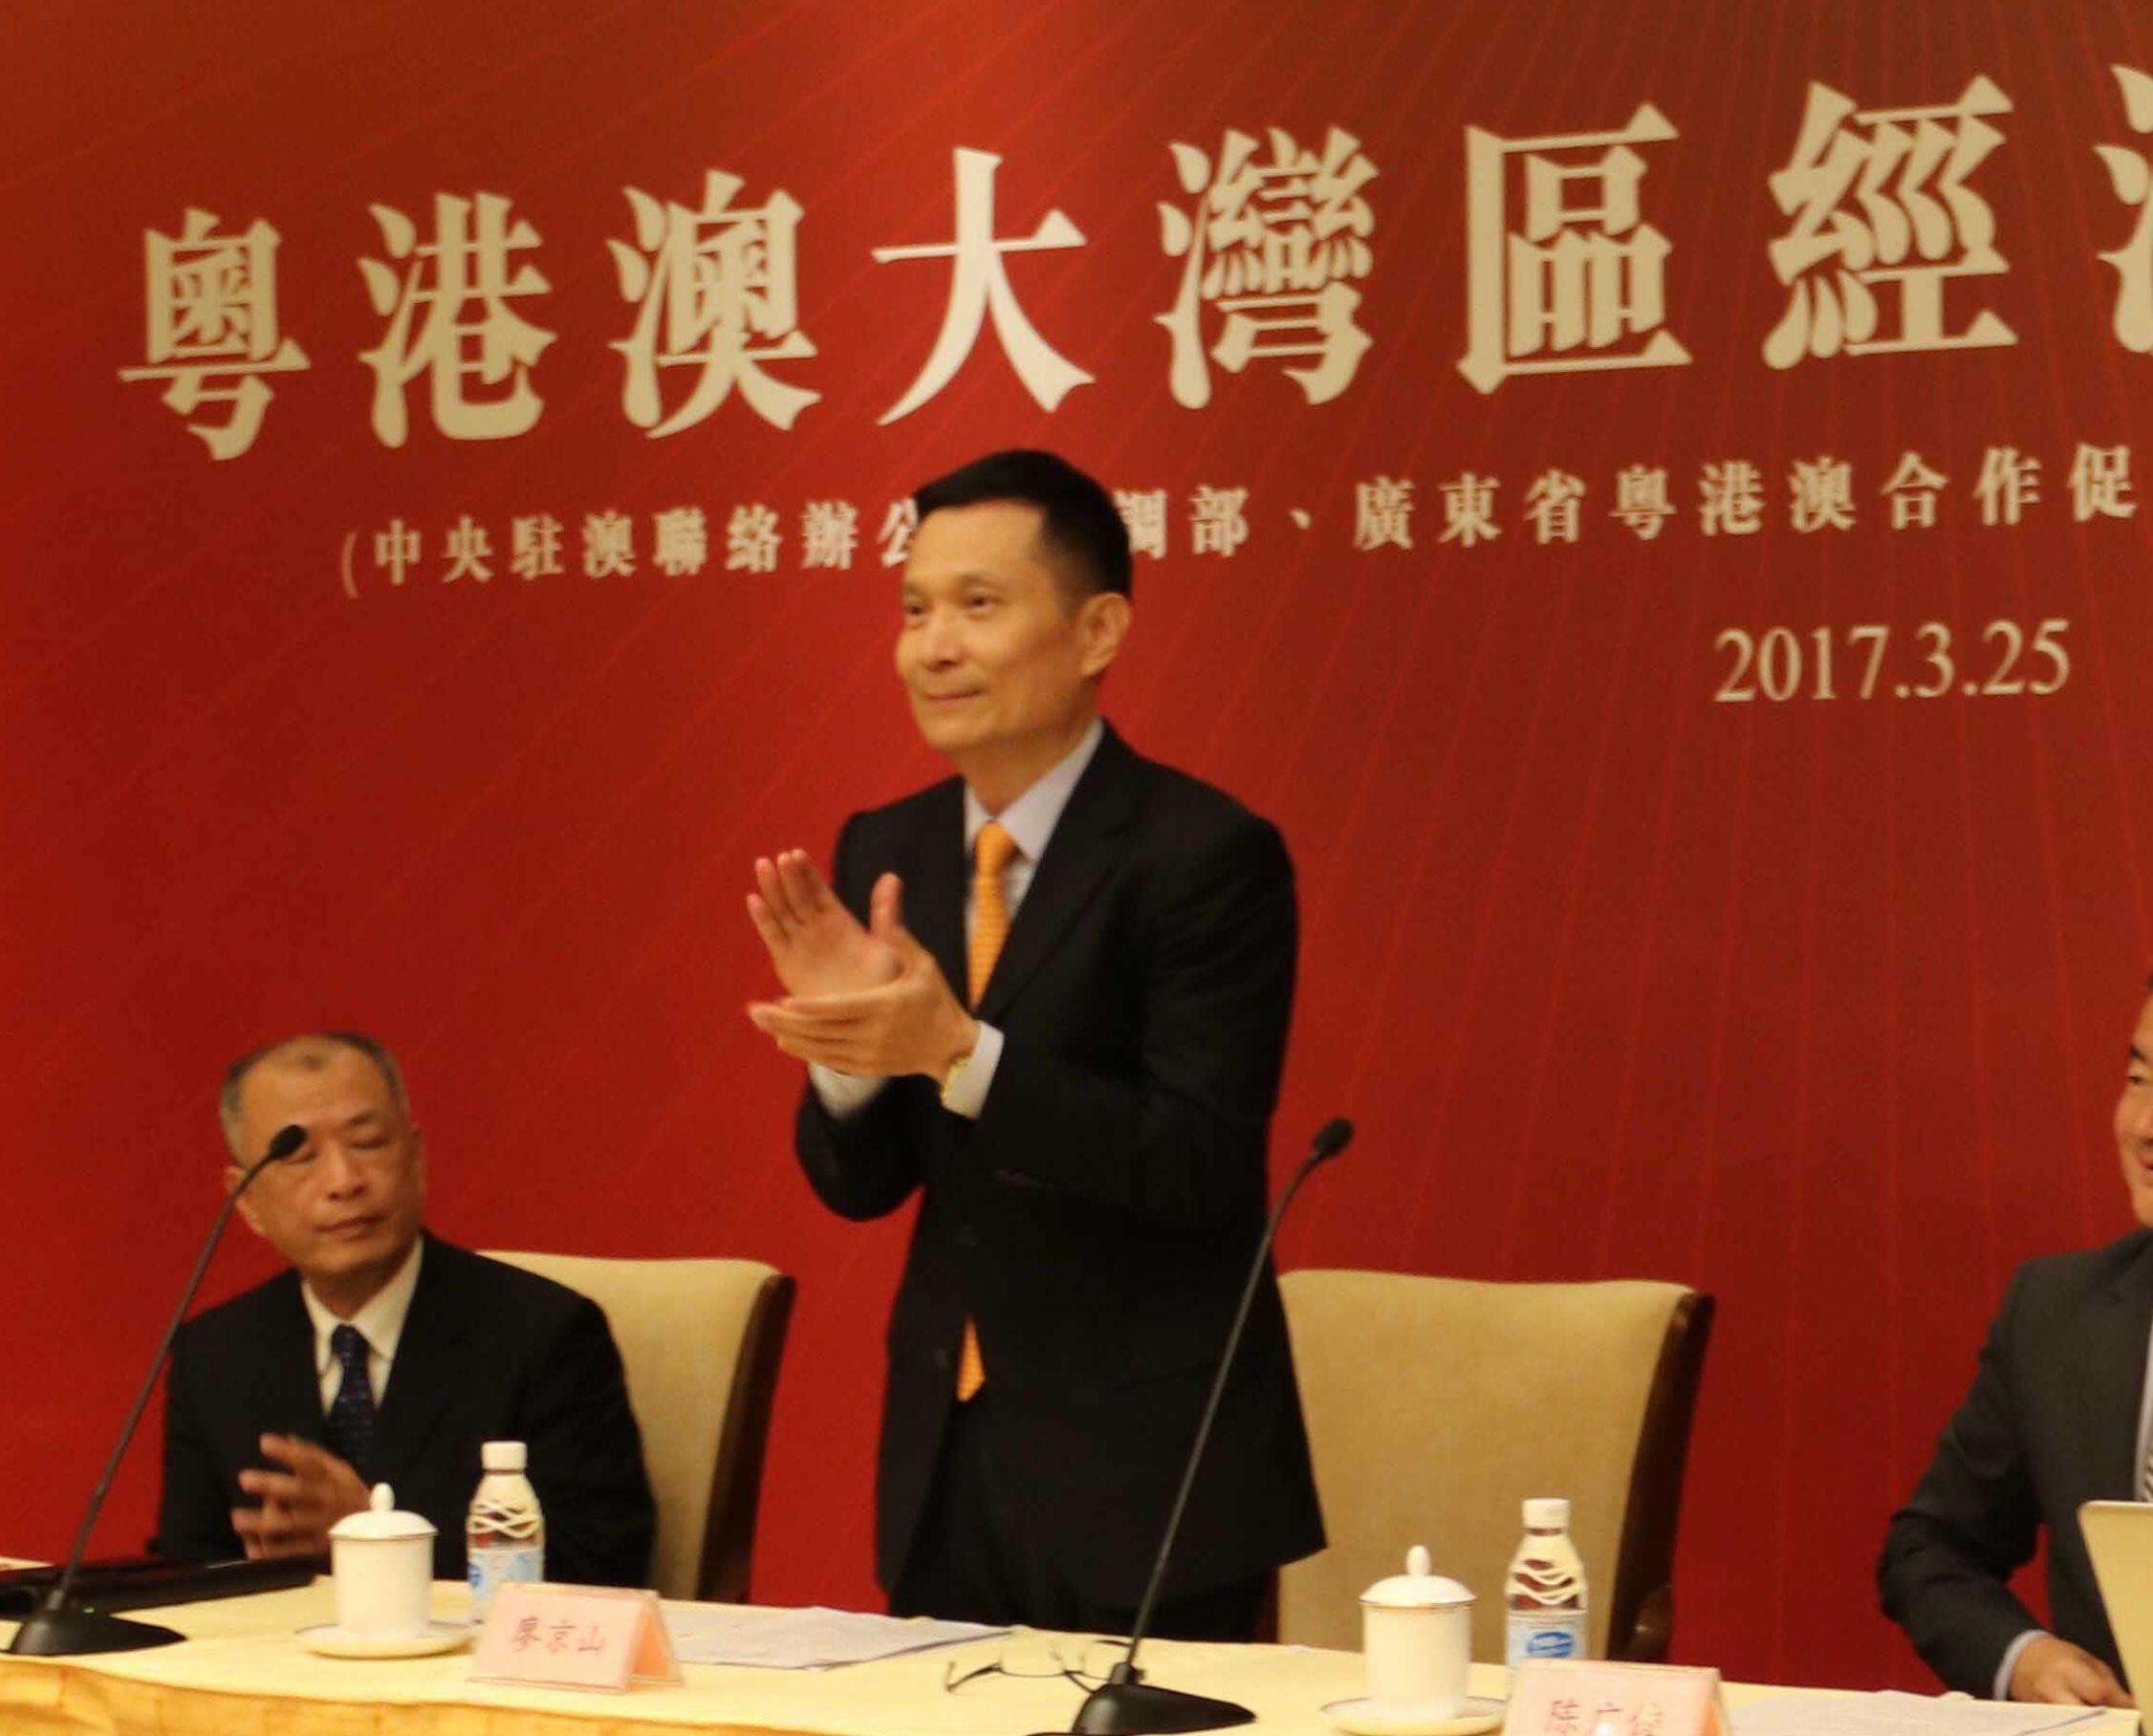 粵港澳經濟生活圈將形成